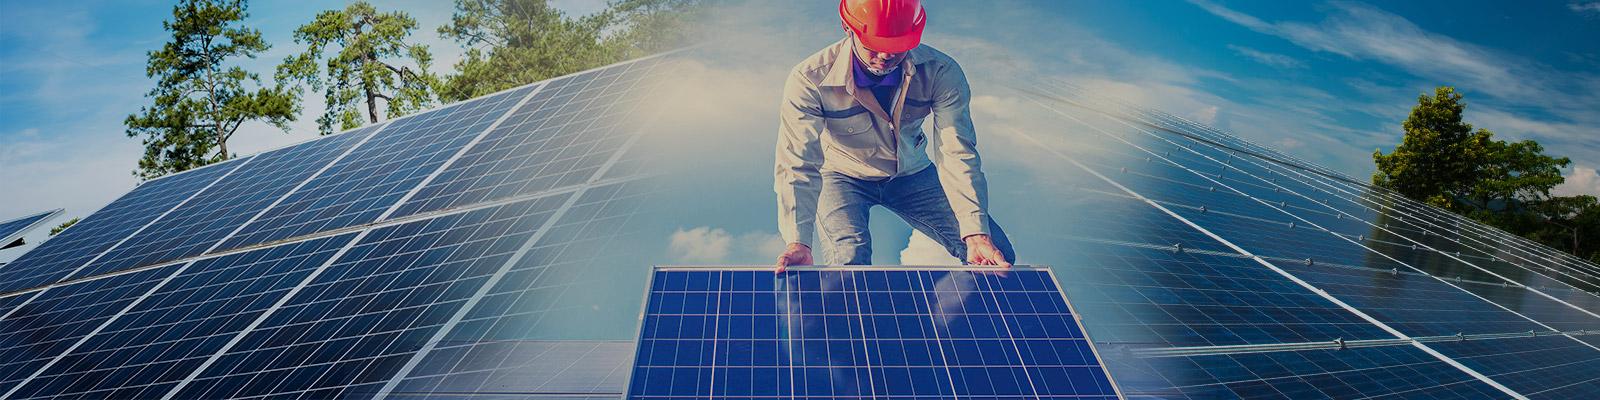 Enalmex Energía Solar.